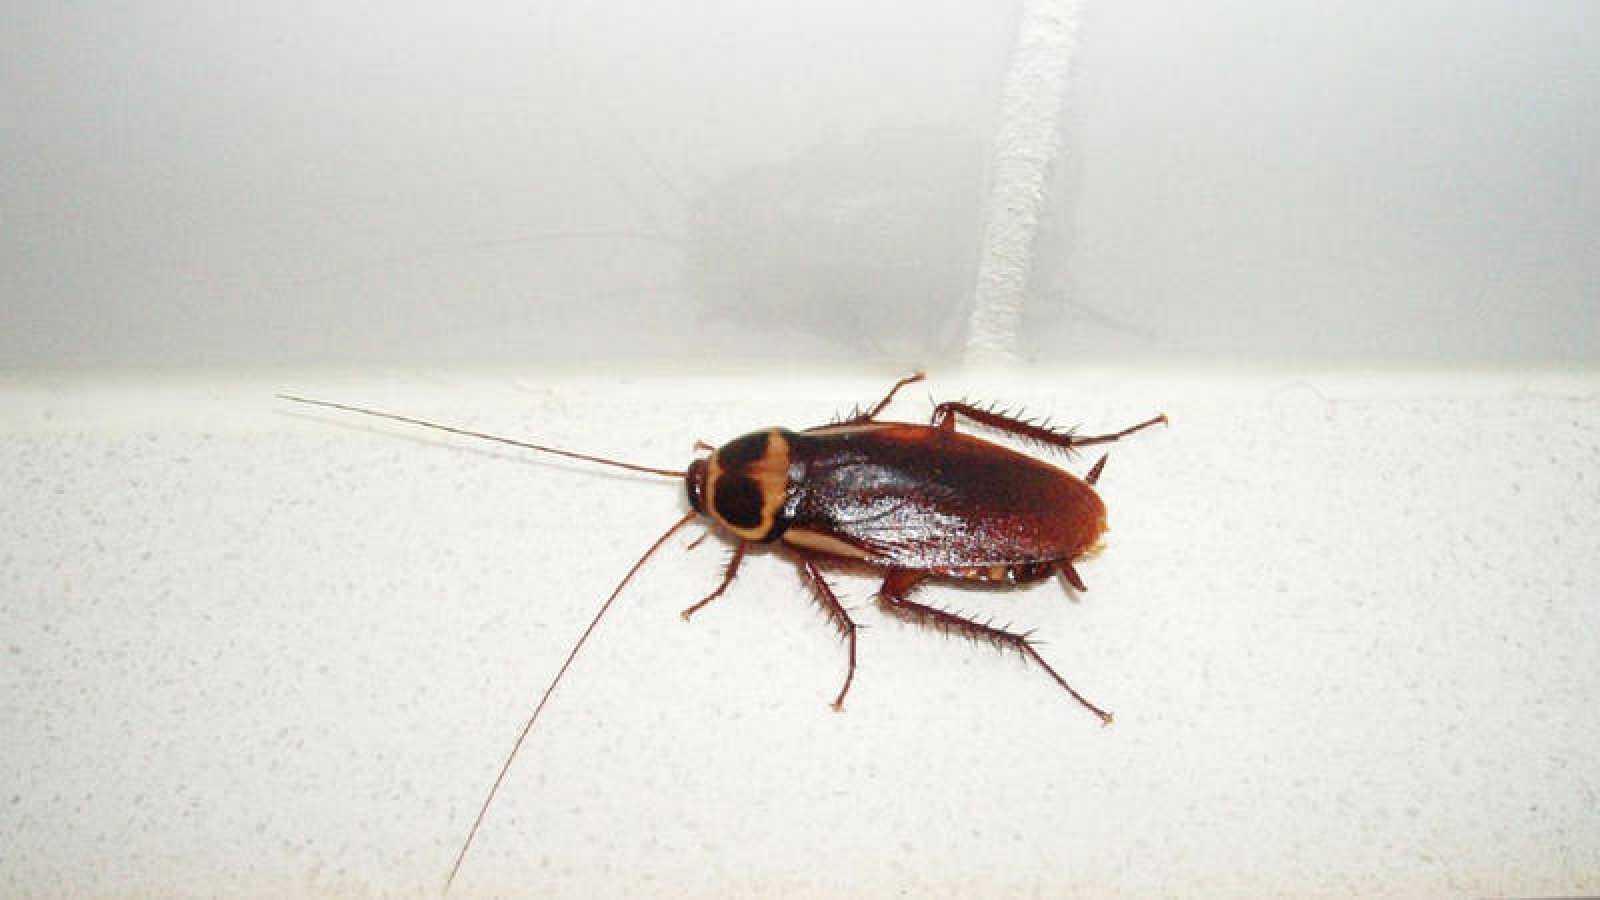 Los ejemplares adultos de la cucaracha australiana tienen una coloración marrón rojiza.